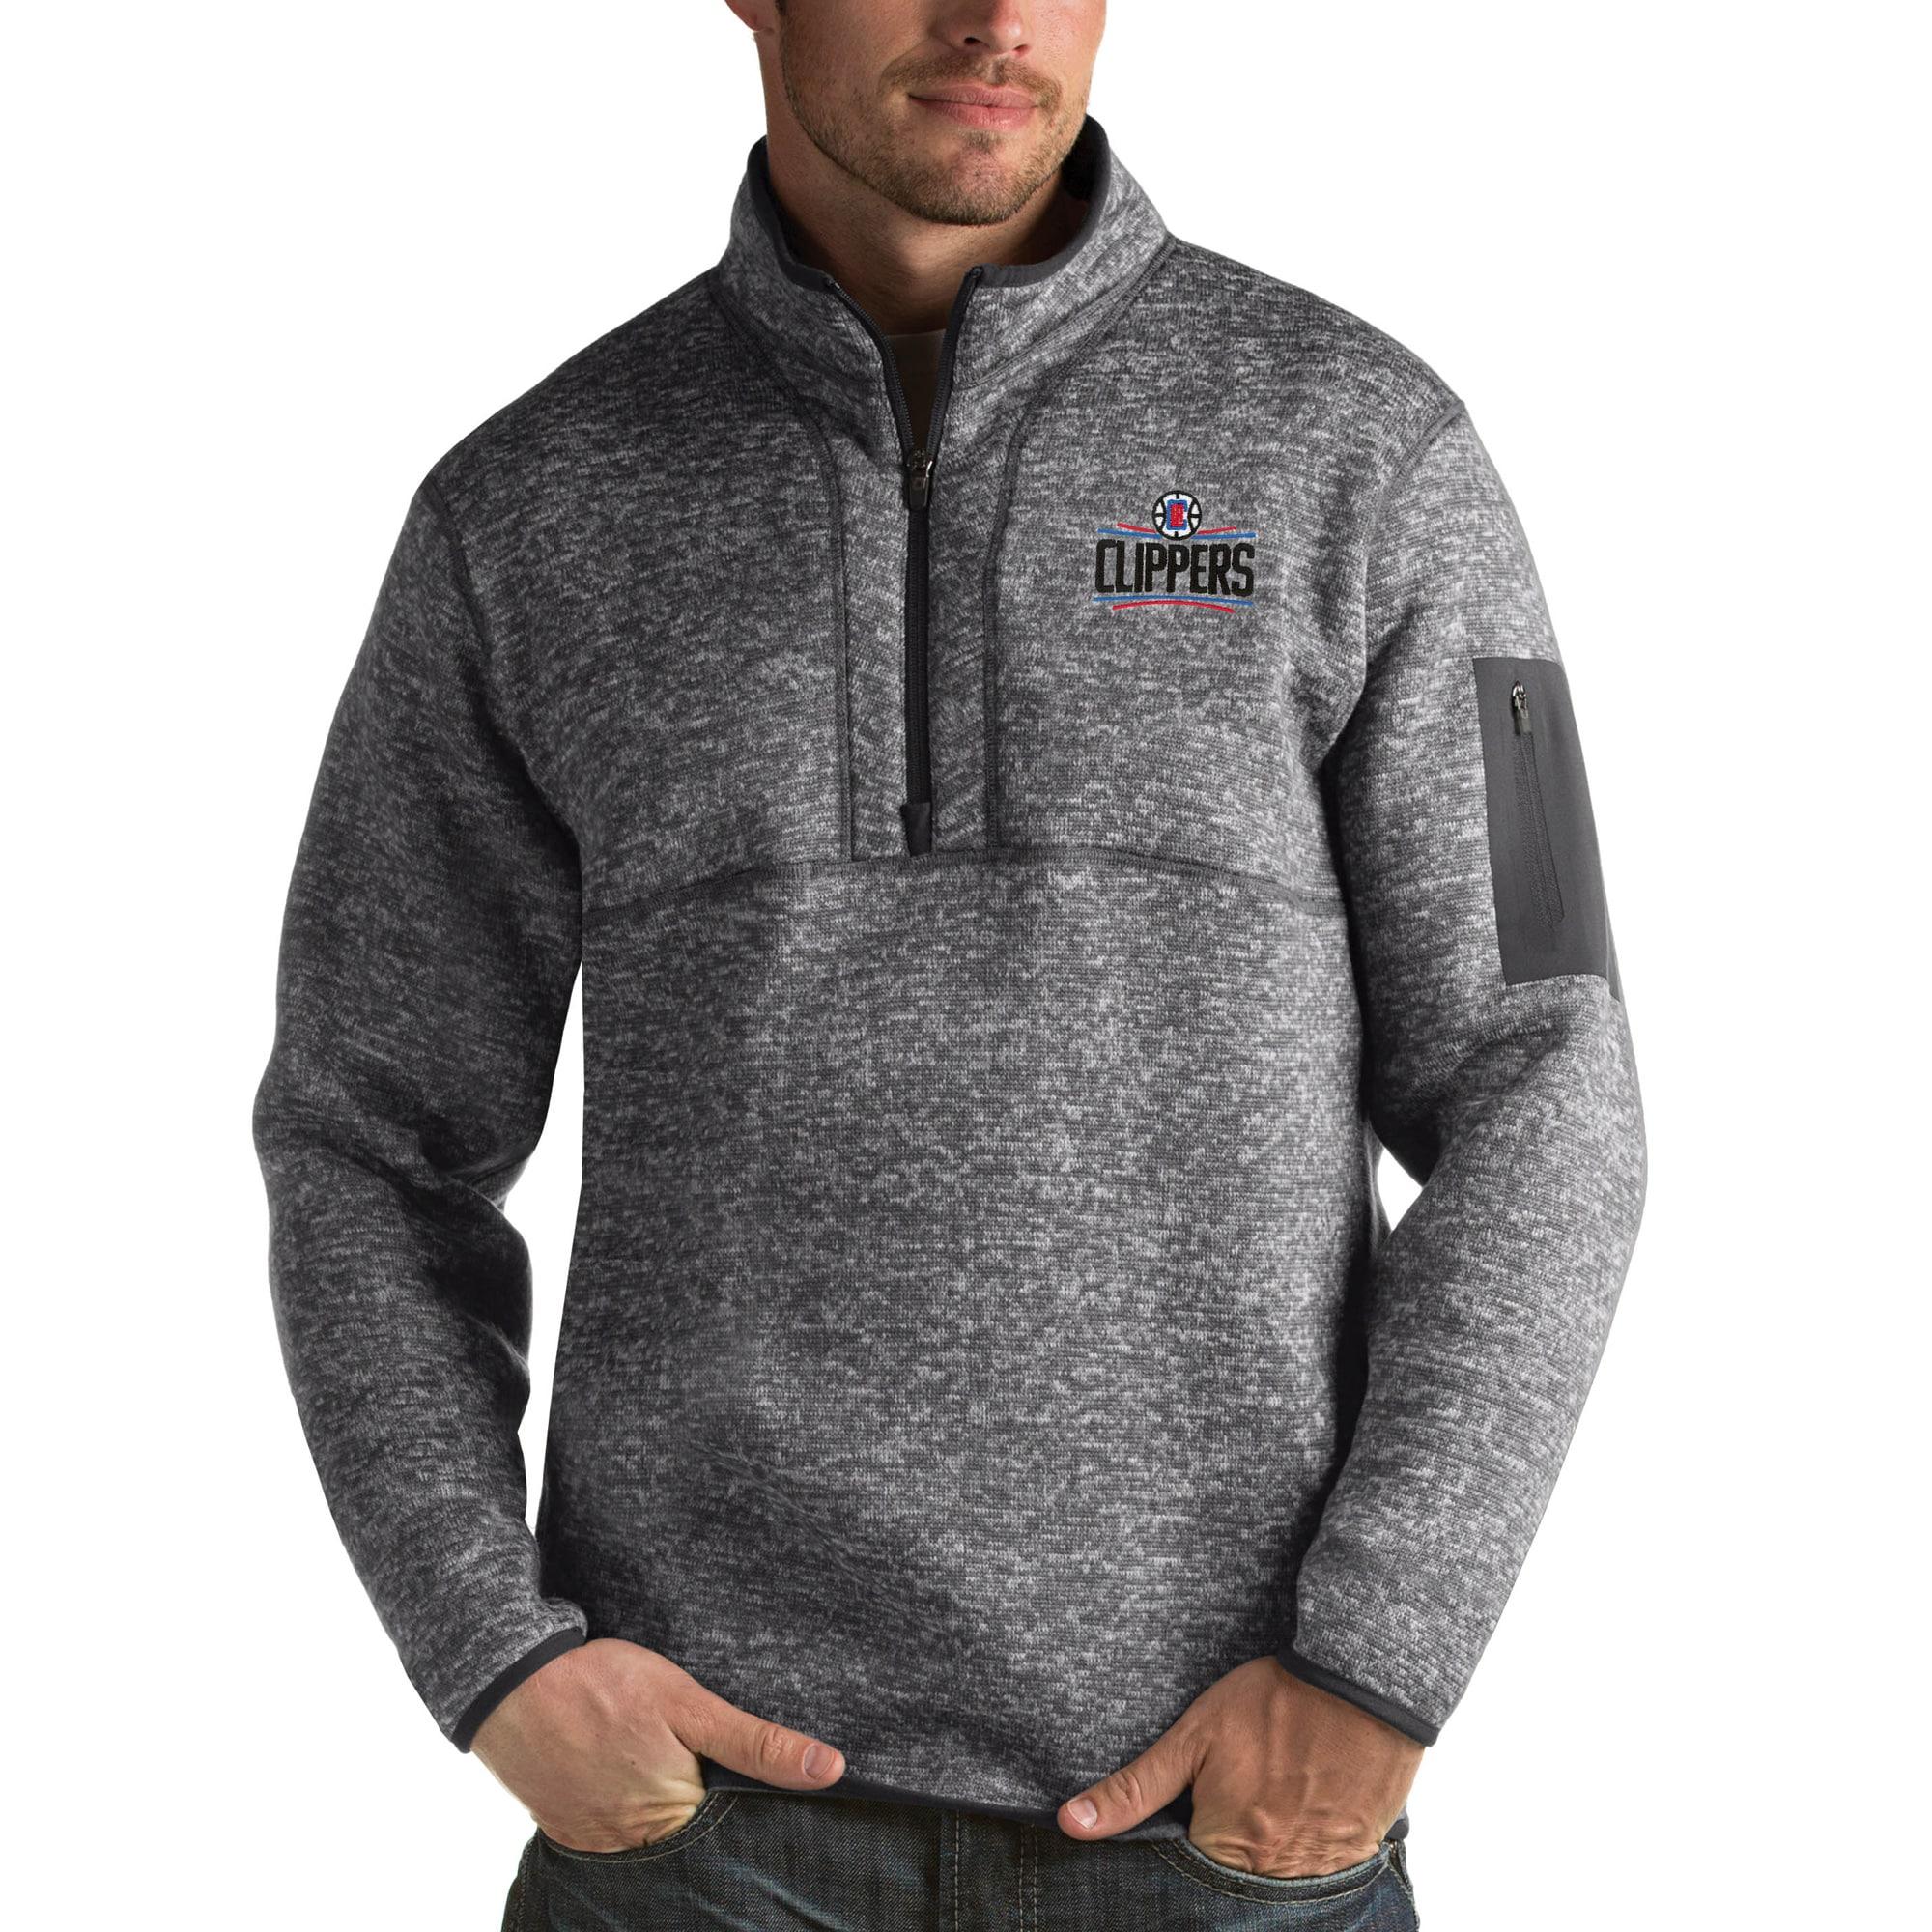 LA Clippers Antigua Fortune Big & Tall Quarter-Zip Pullover Jacket - Charcoal